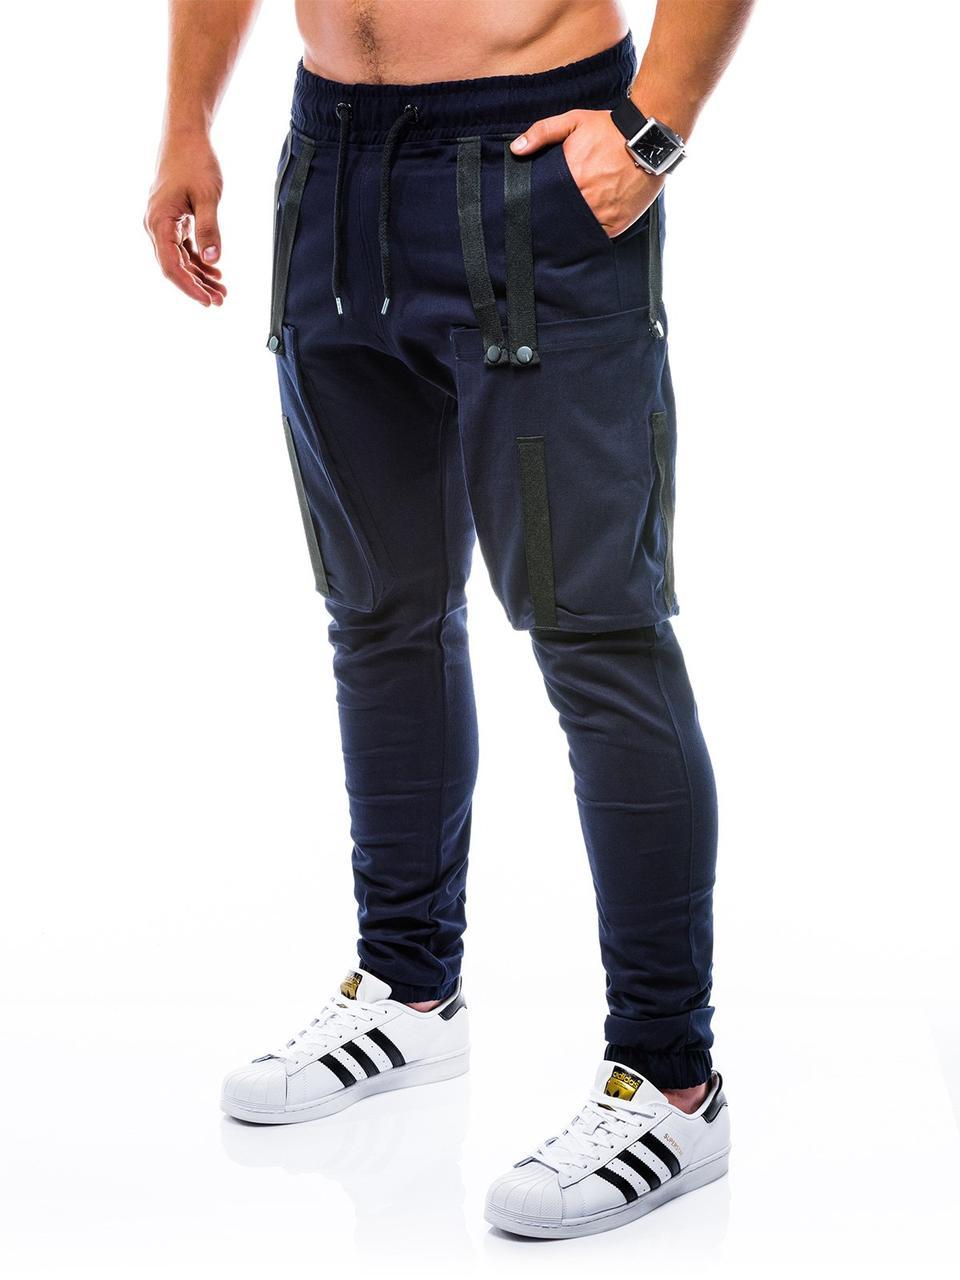 Мужские котоновые синие штаны с боковыми карманами карго на манжетах Ombre